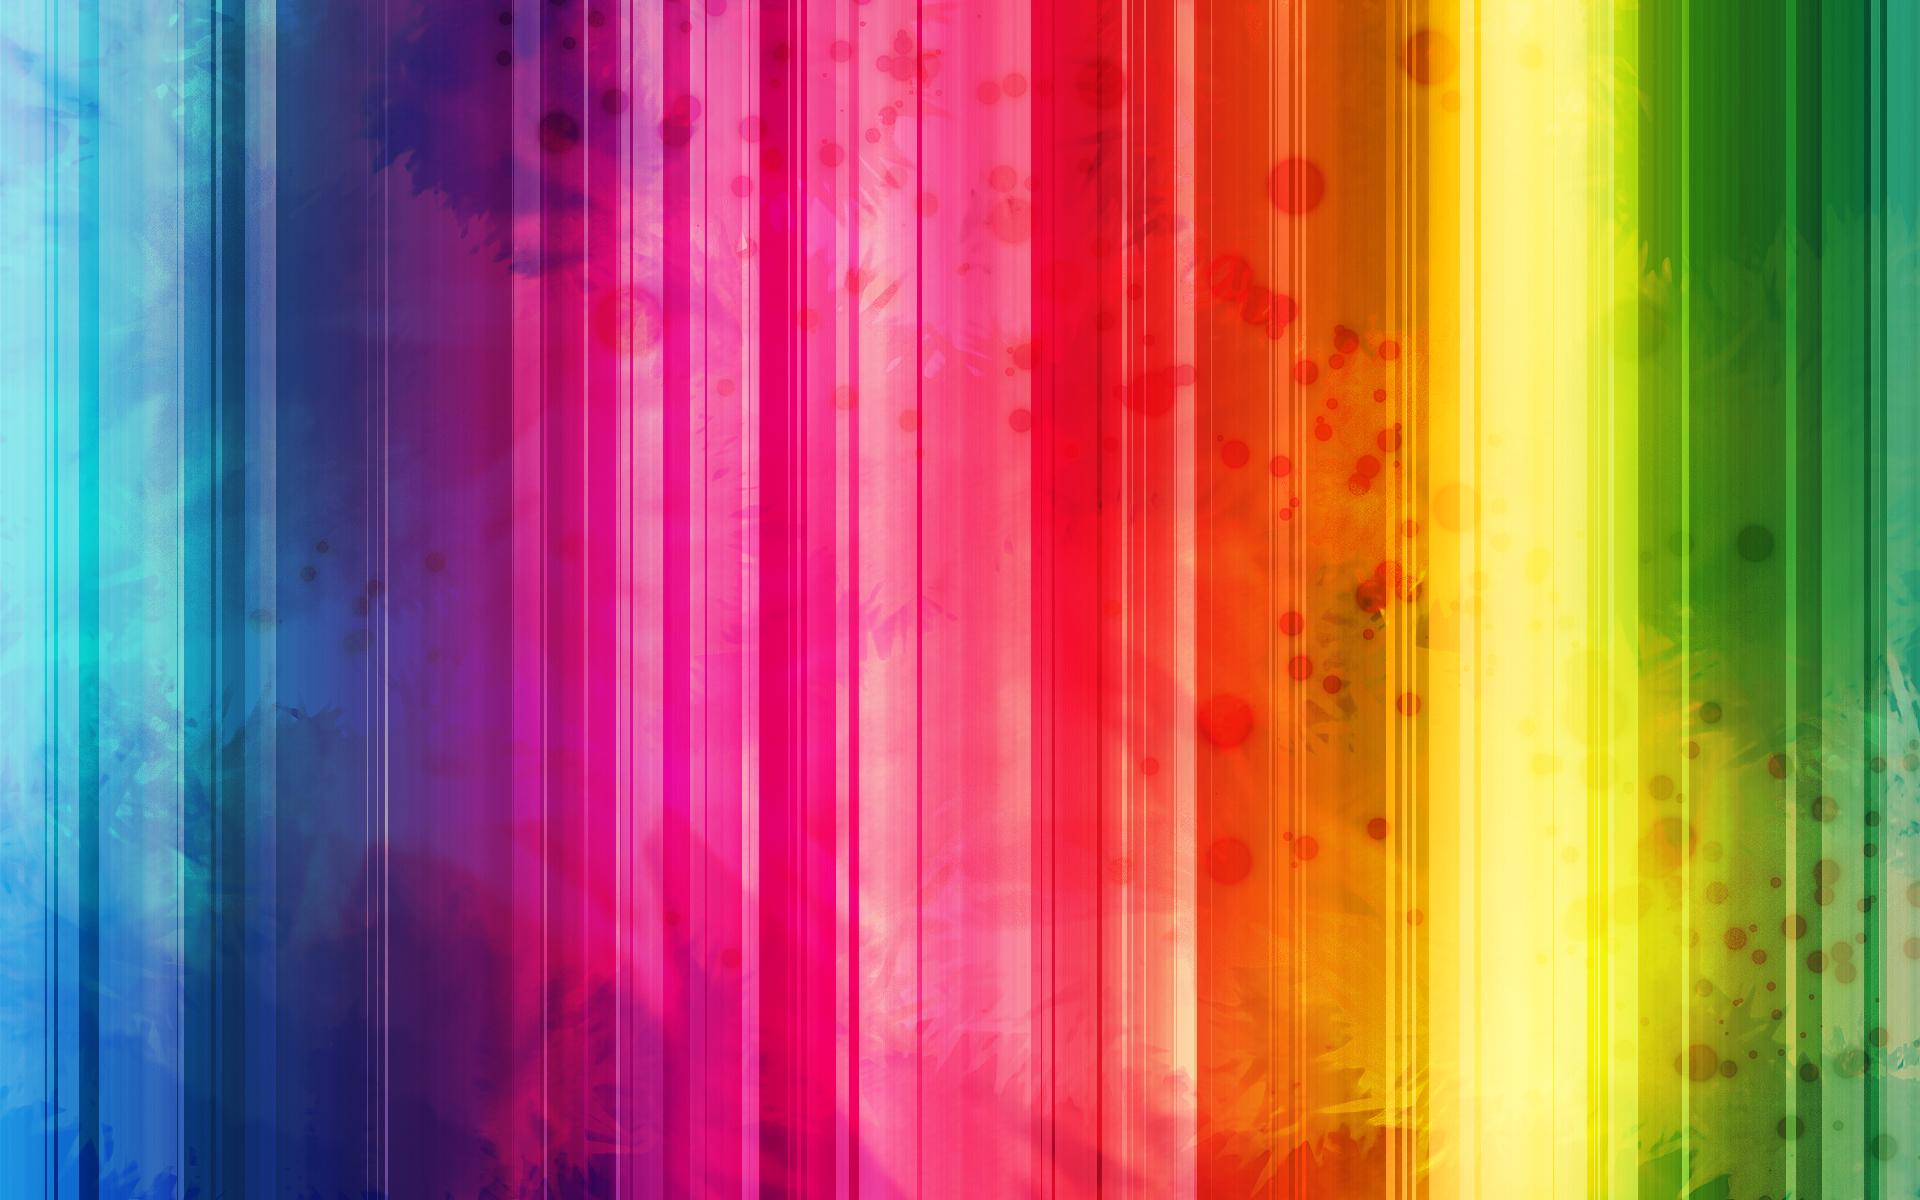 Spectrum by xdarkaro